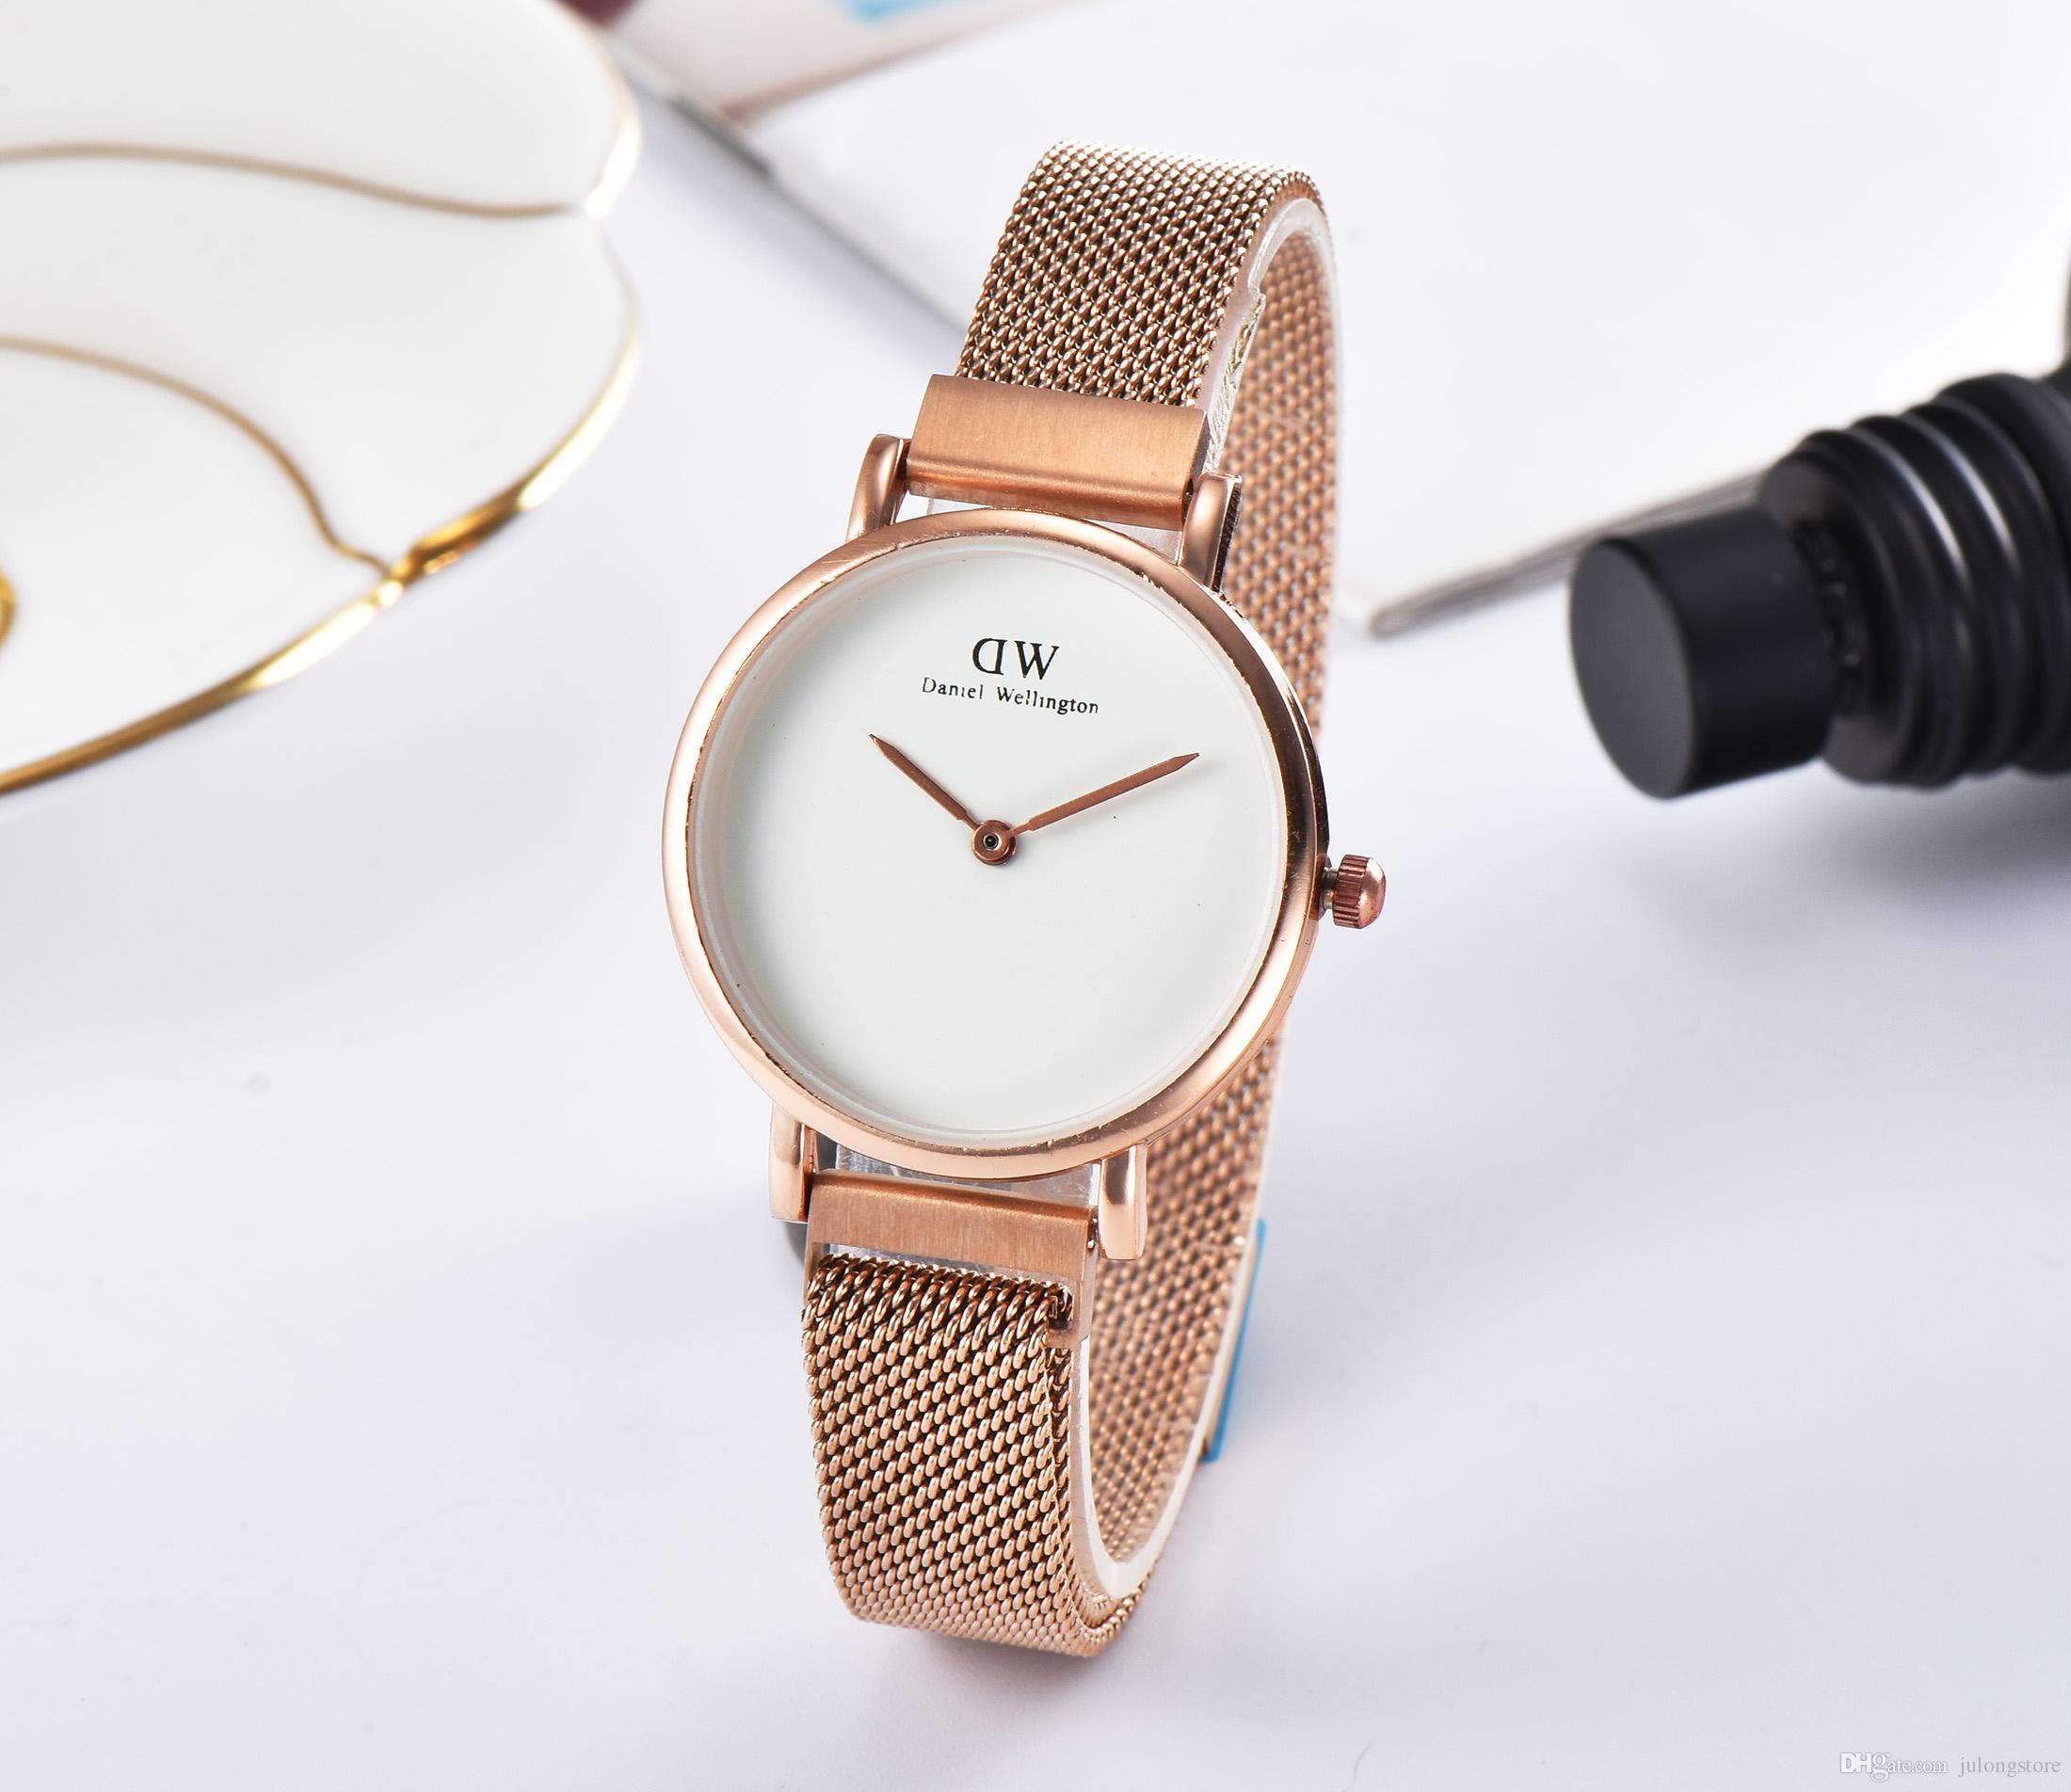 8619fce6c47 New Fashion Girls Steel Strip Daniel Wellington Watches Women Watches  Luxury Brand Quartz Watch DW Clock Relogio Feminino Montre Femme Expensive  Watches ...